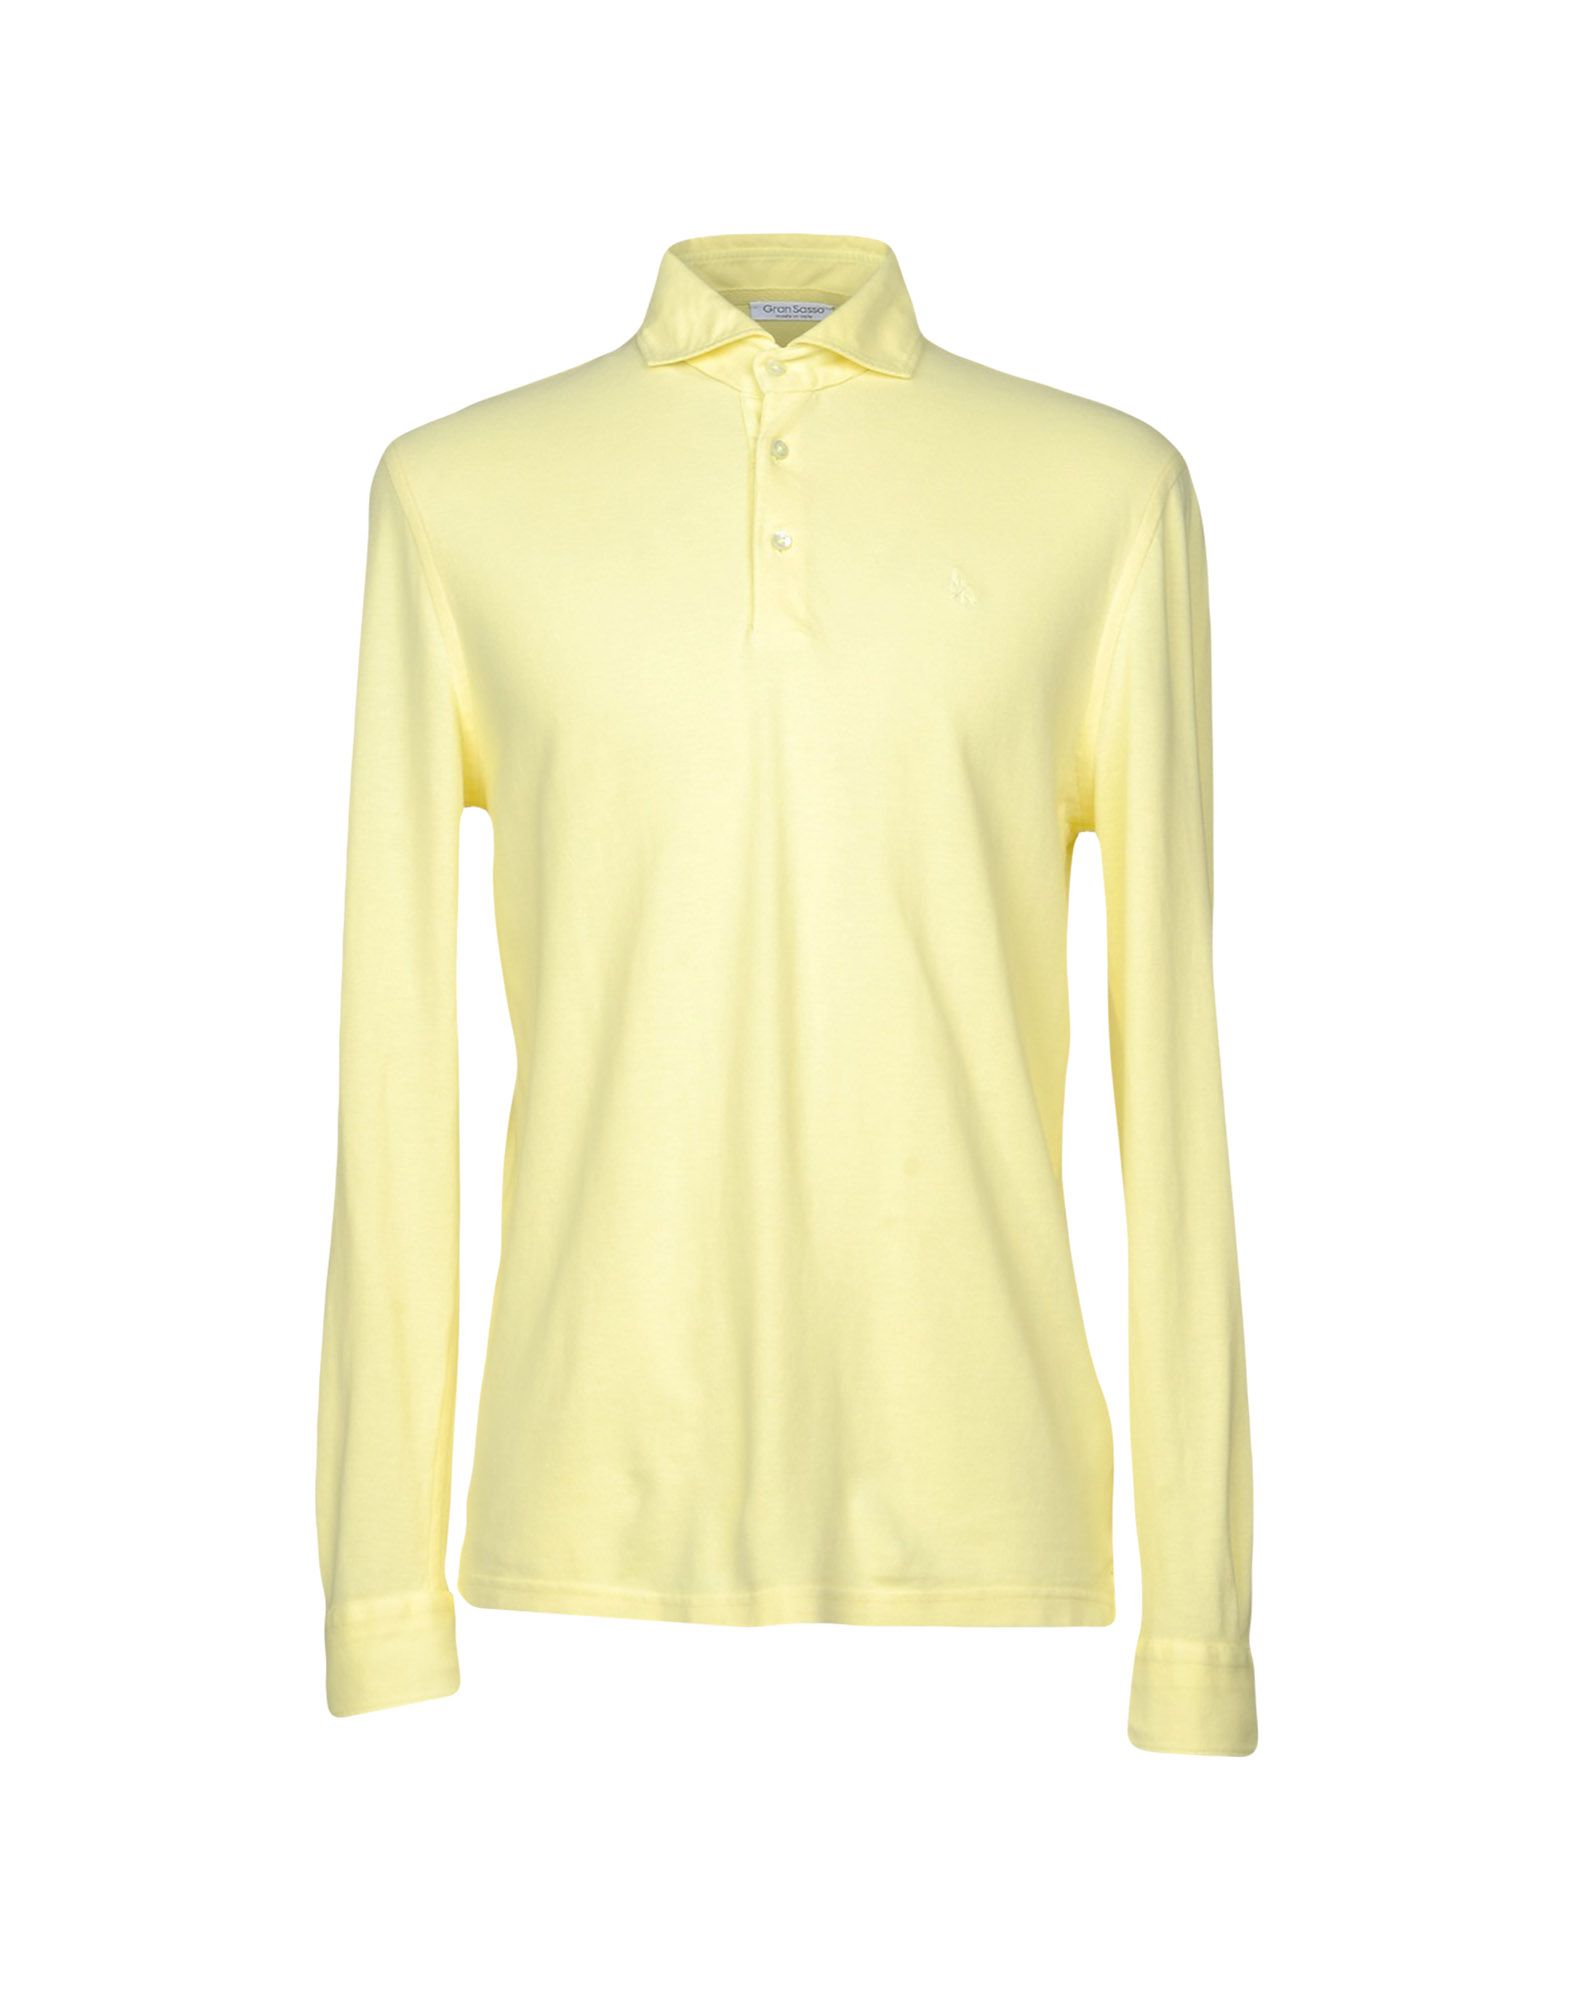 GRAN SASSO Herren Poloshirt Farbe Gelb Größe 7 jetztbilligerkaufen